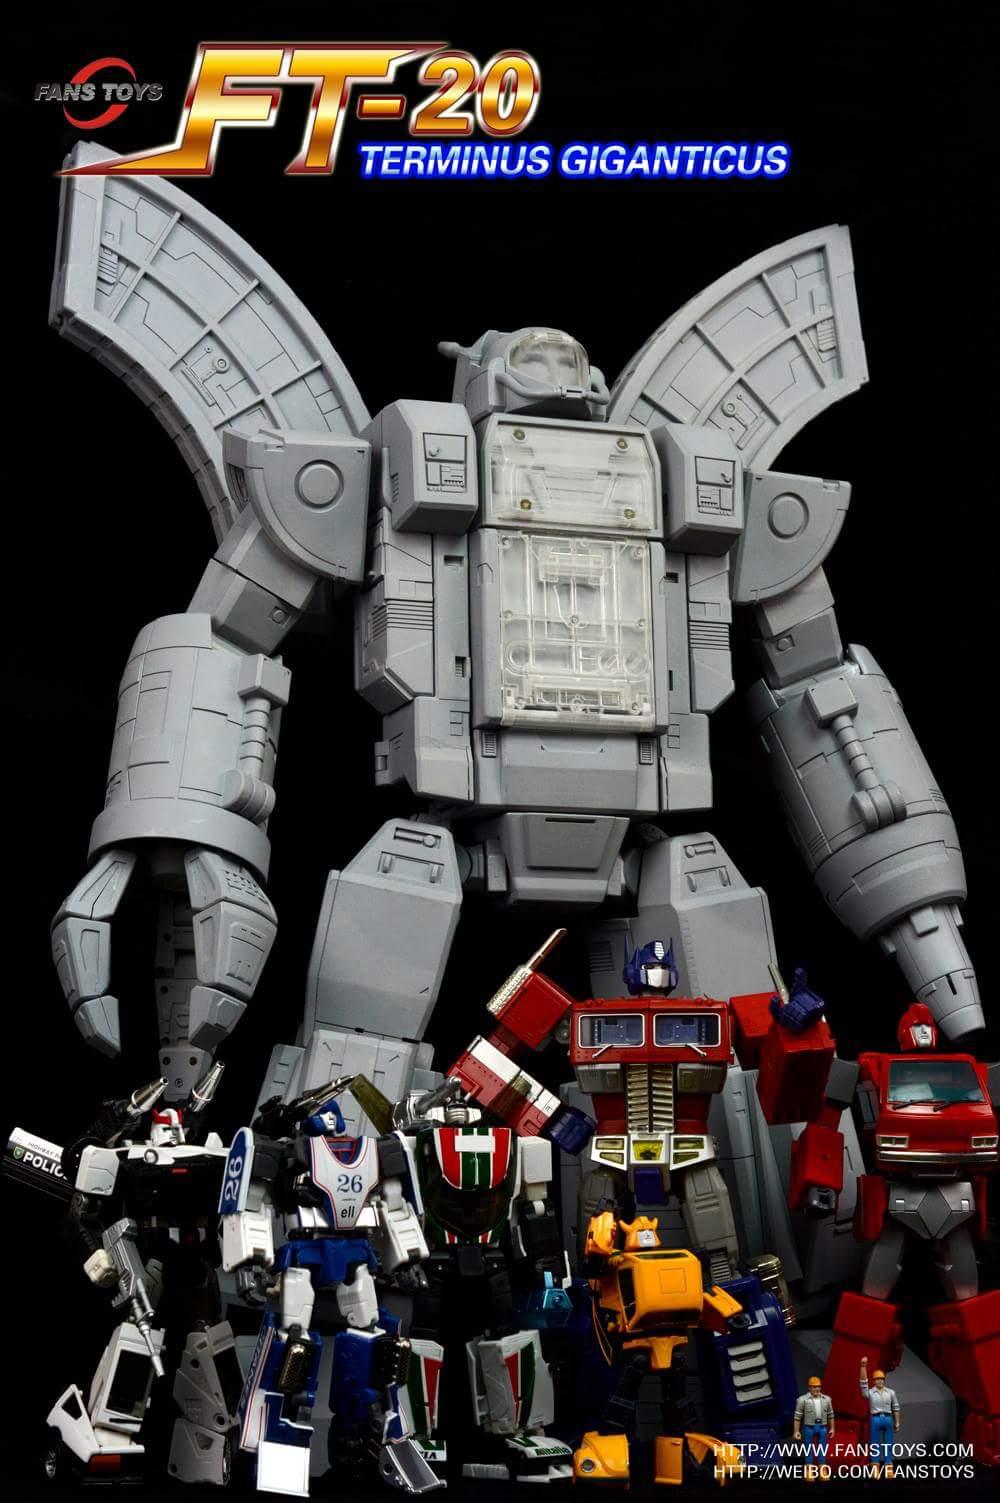 [Fanstoys] Produit Tiers - Jouets FT-20 et FT-20G Terminus Giganticus - aka Oméga Suprême et Omega Sentinel (Gardien de Cybertron) O7AuMp5G